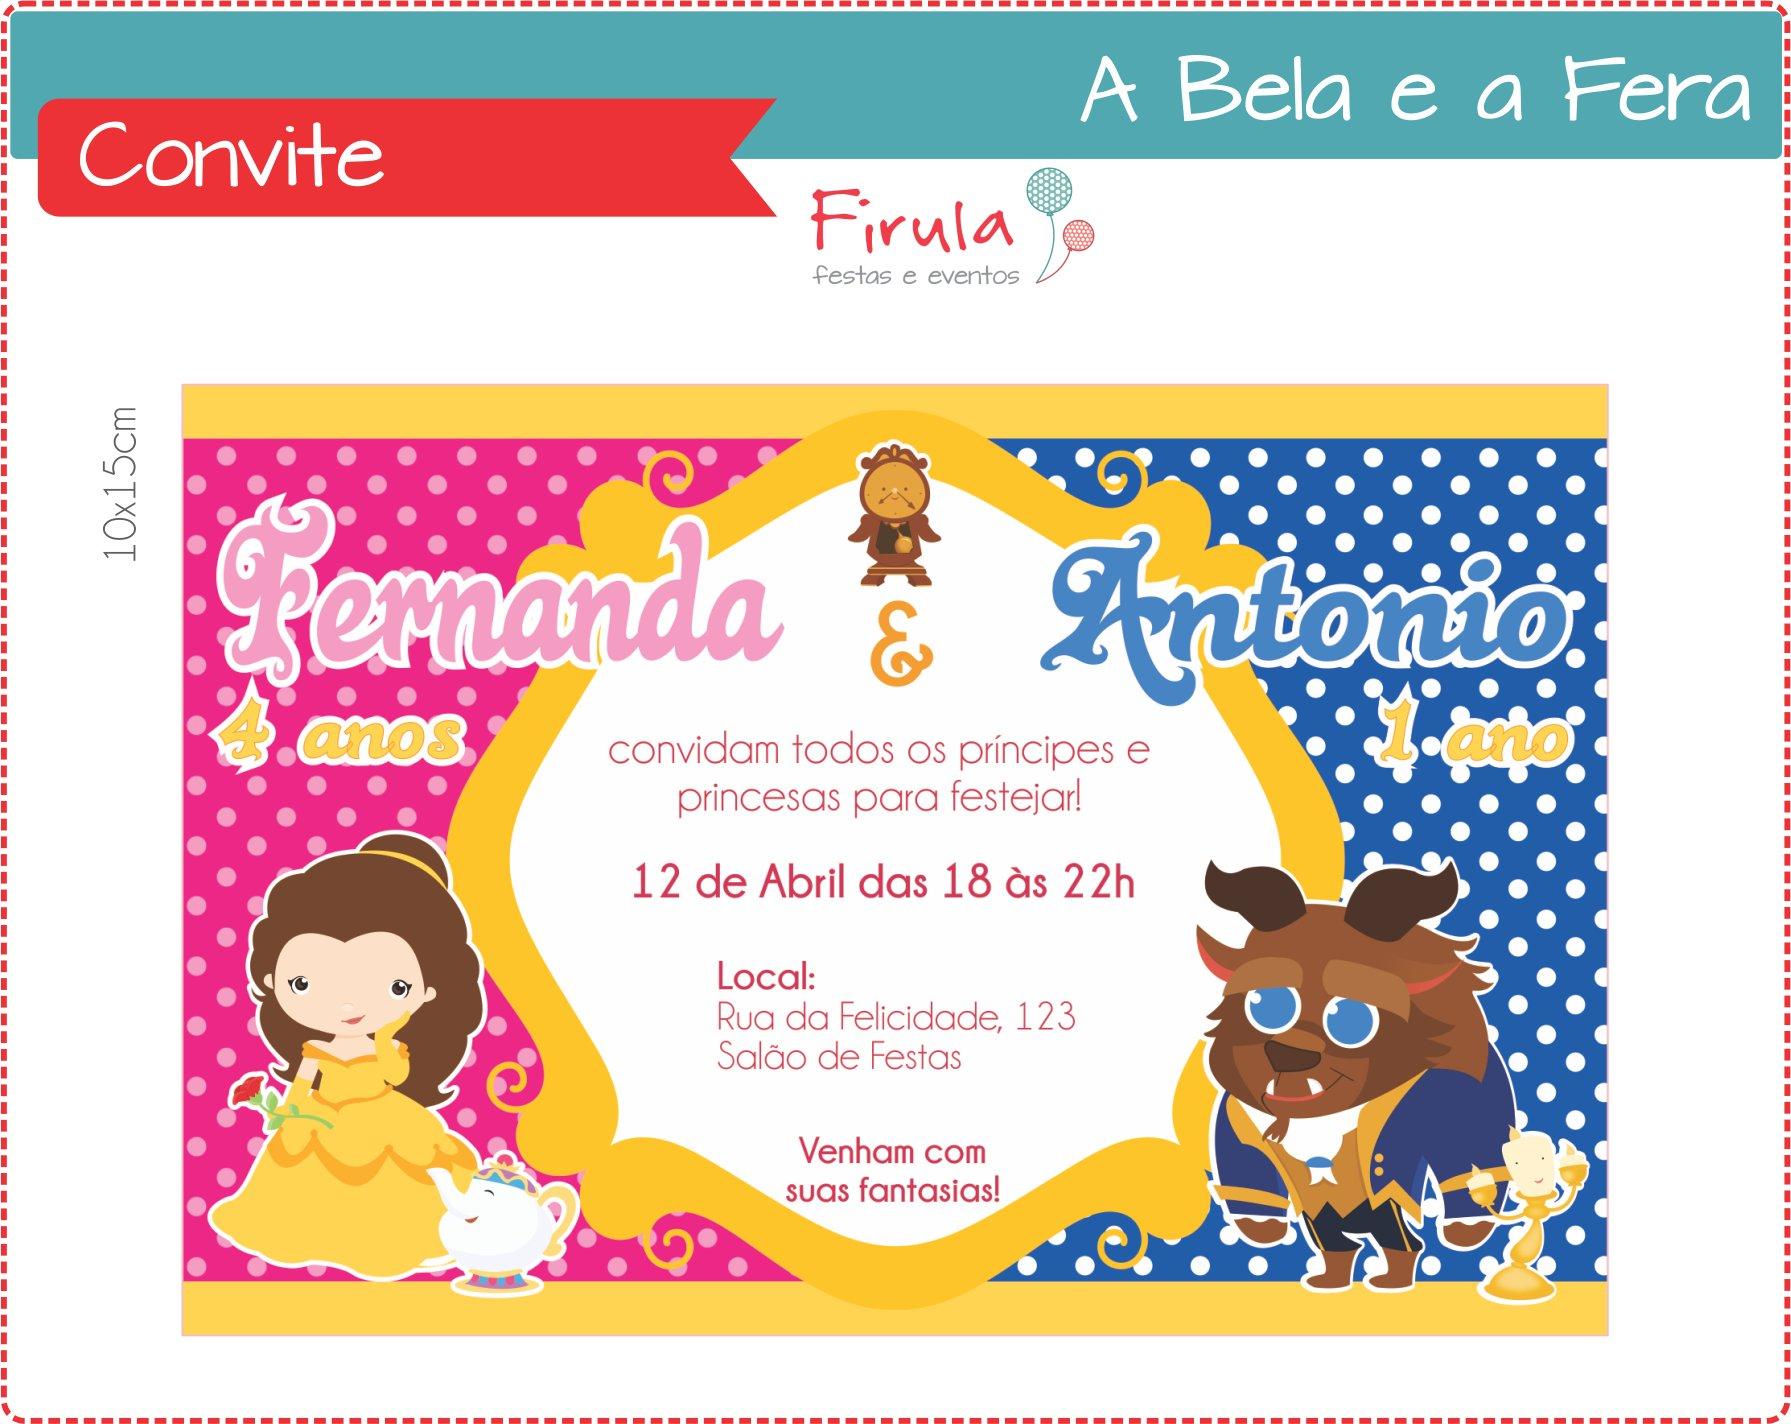 Convite Com A Bela E A Fera Elo7